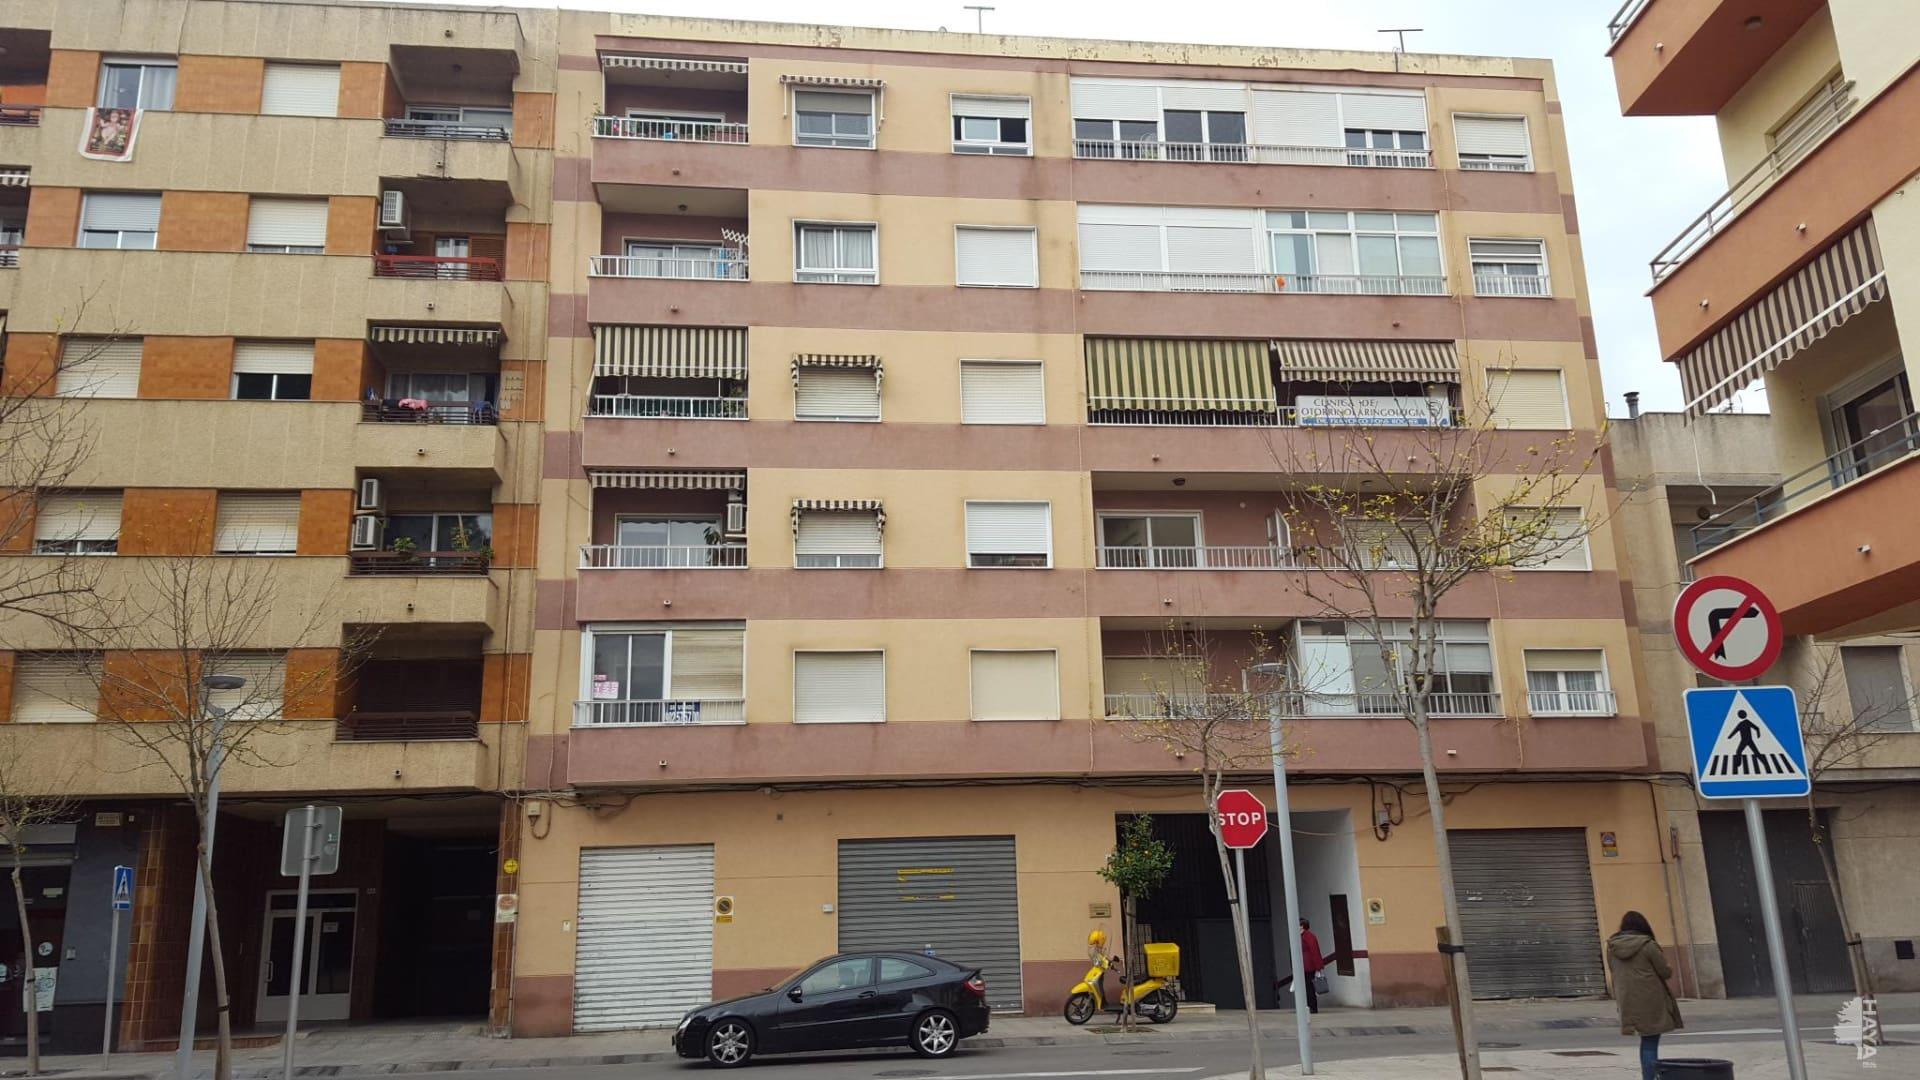 Piso en venta en Gandia, Valencia, Calle Pellers (dels), 61.900 €, 4 habitaciones, 2 baños, 116 m2